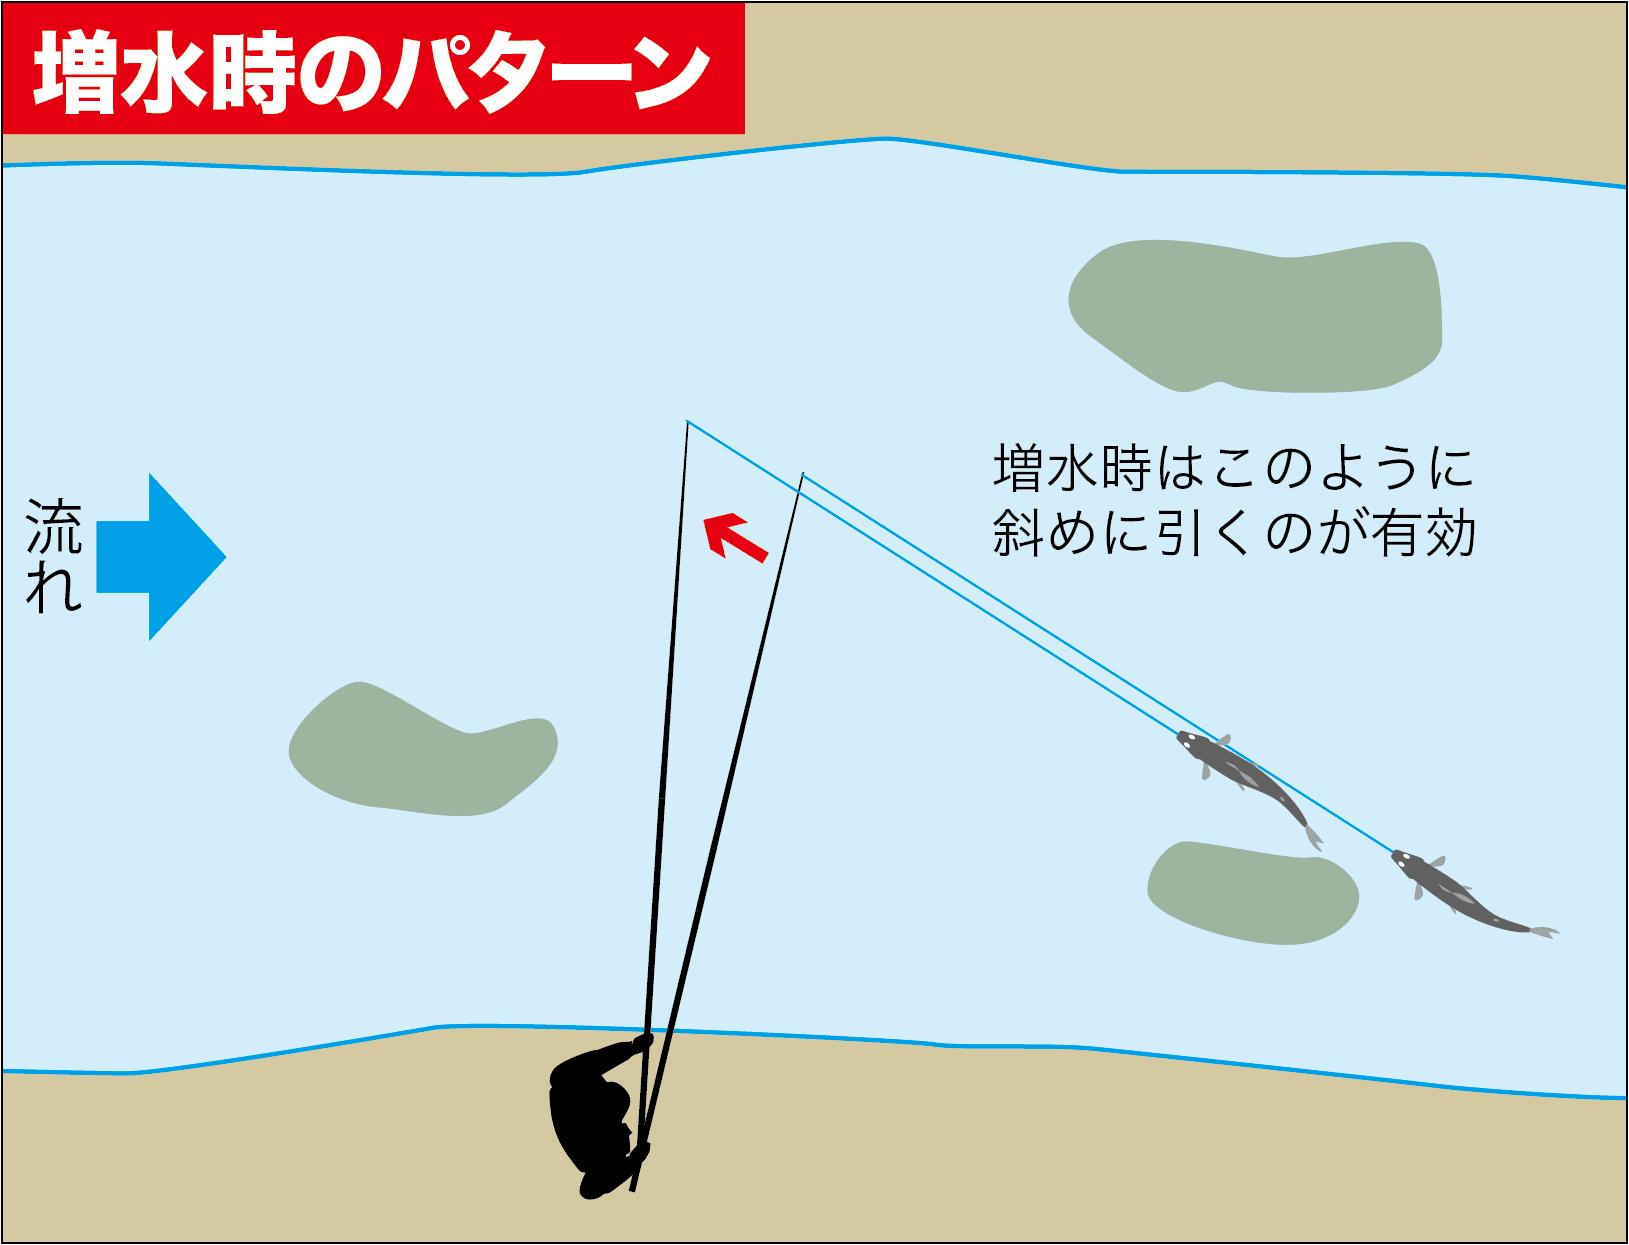 アユ終盤戦戦略8